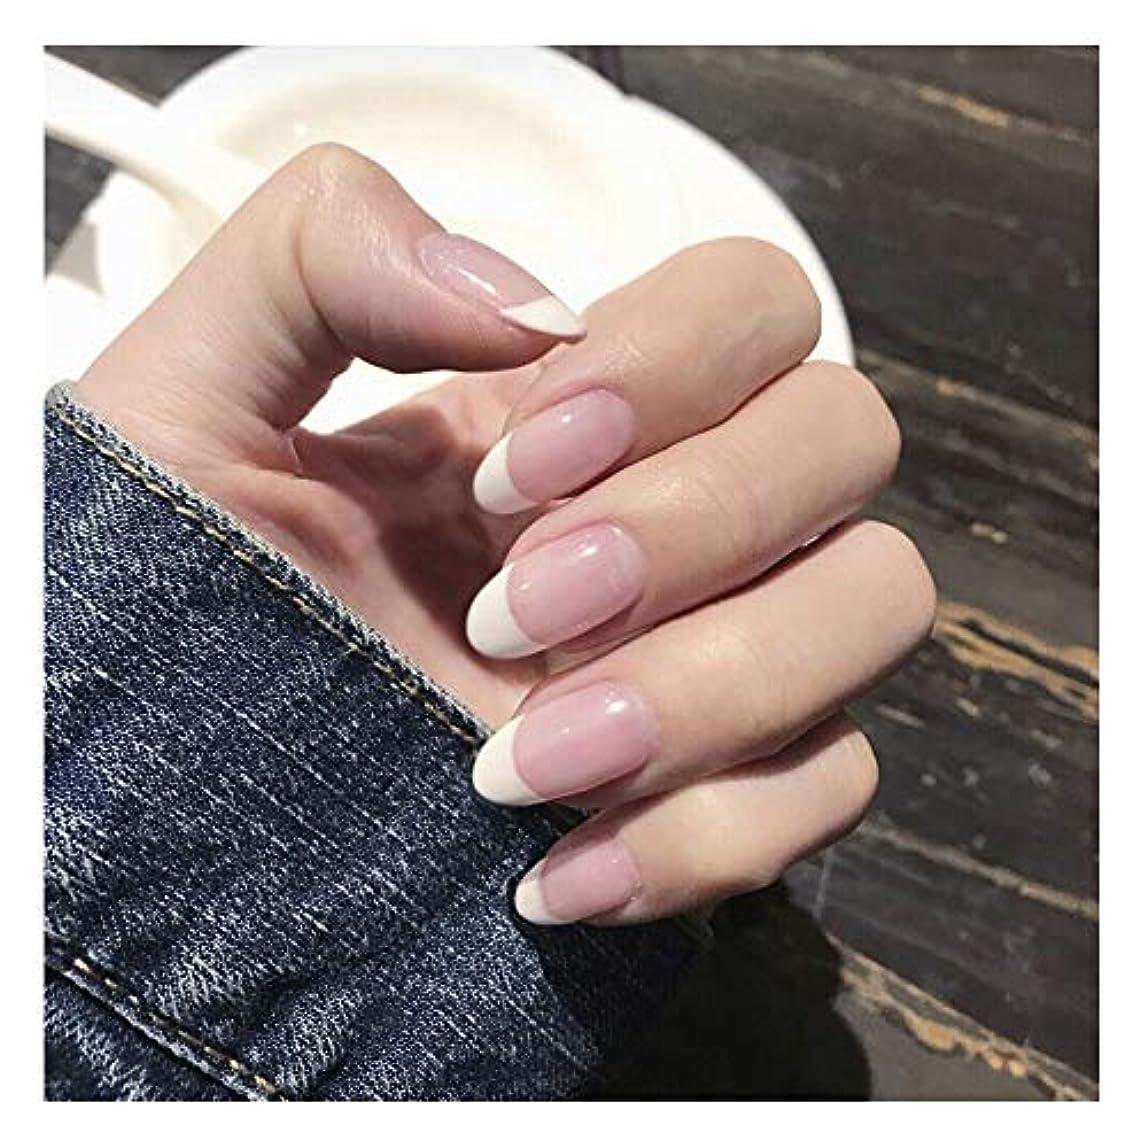 論理的に勝者パットBOBIDYEE 透明ピンク+ホワイト下部偽爪ロングネイルズグルー完成ネイル偽爪を指摘しました (色 : 24 pieces)